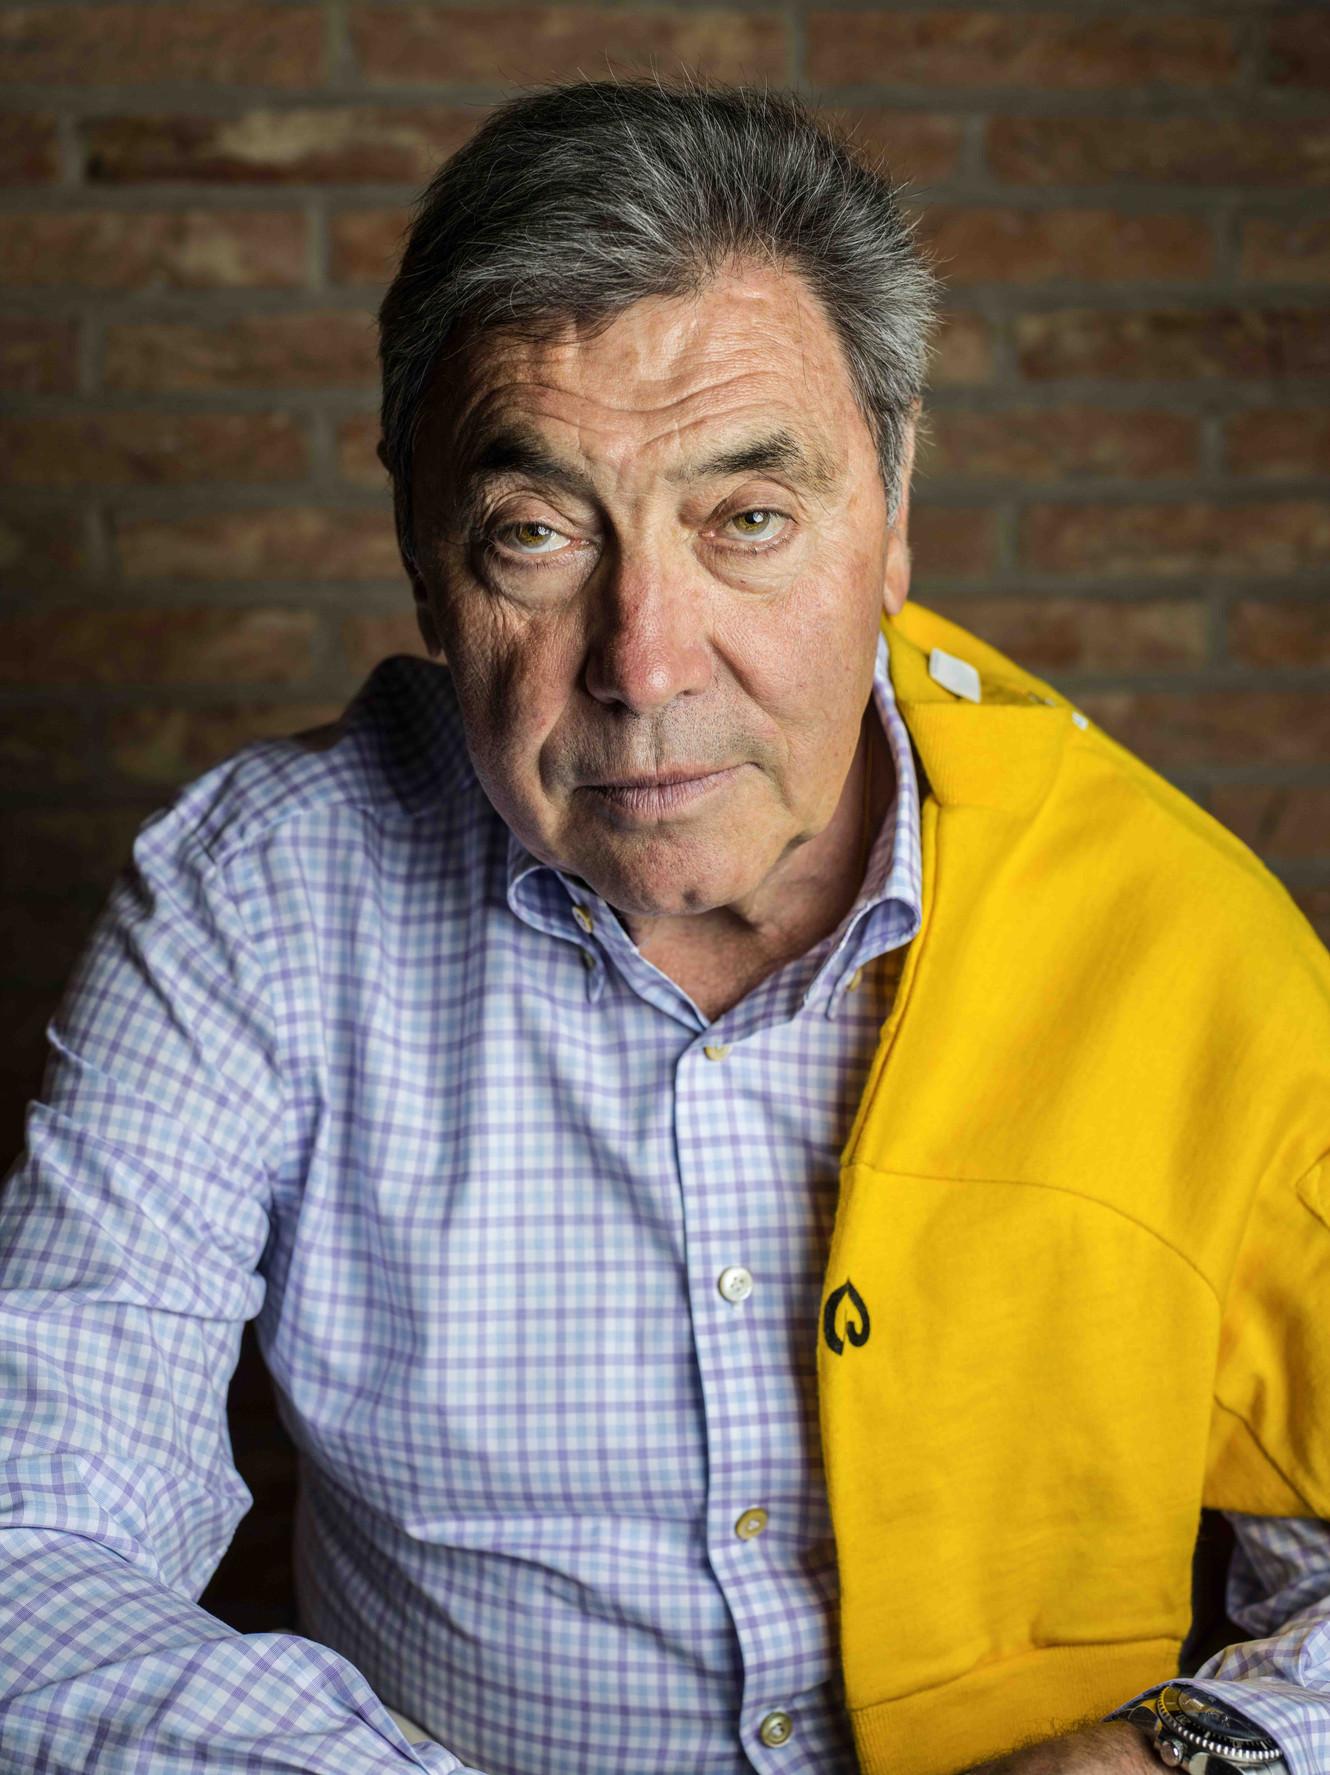 Eddy Merckx, Bruxelles, 2017